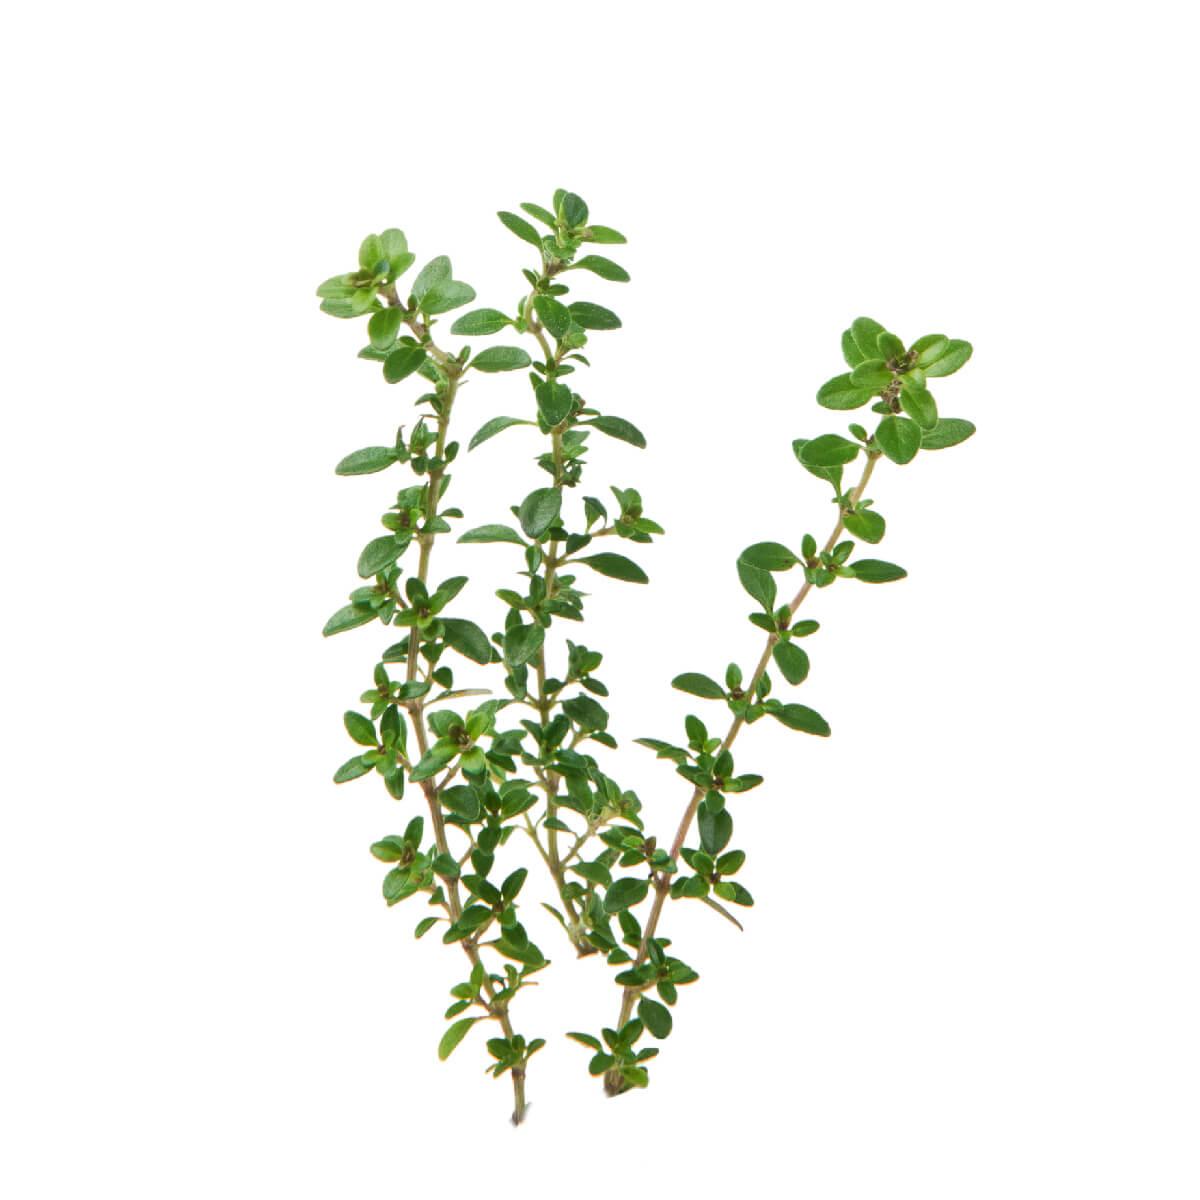 Sementes para plantar Tomilho em vasos autoirrigáveis RAIZ  - Vasos Raiz Loja Oficial